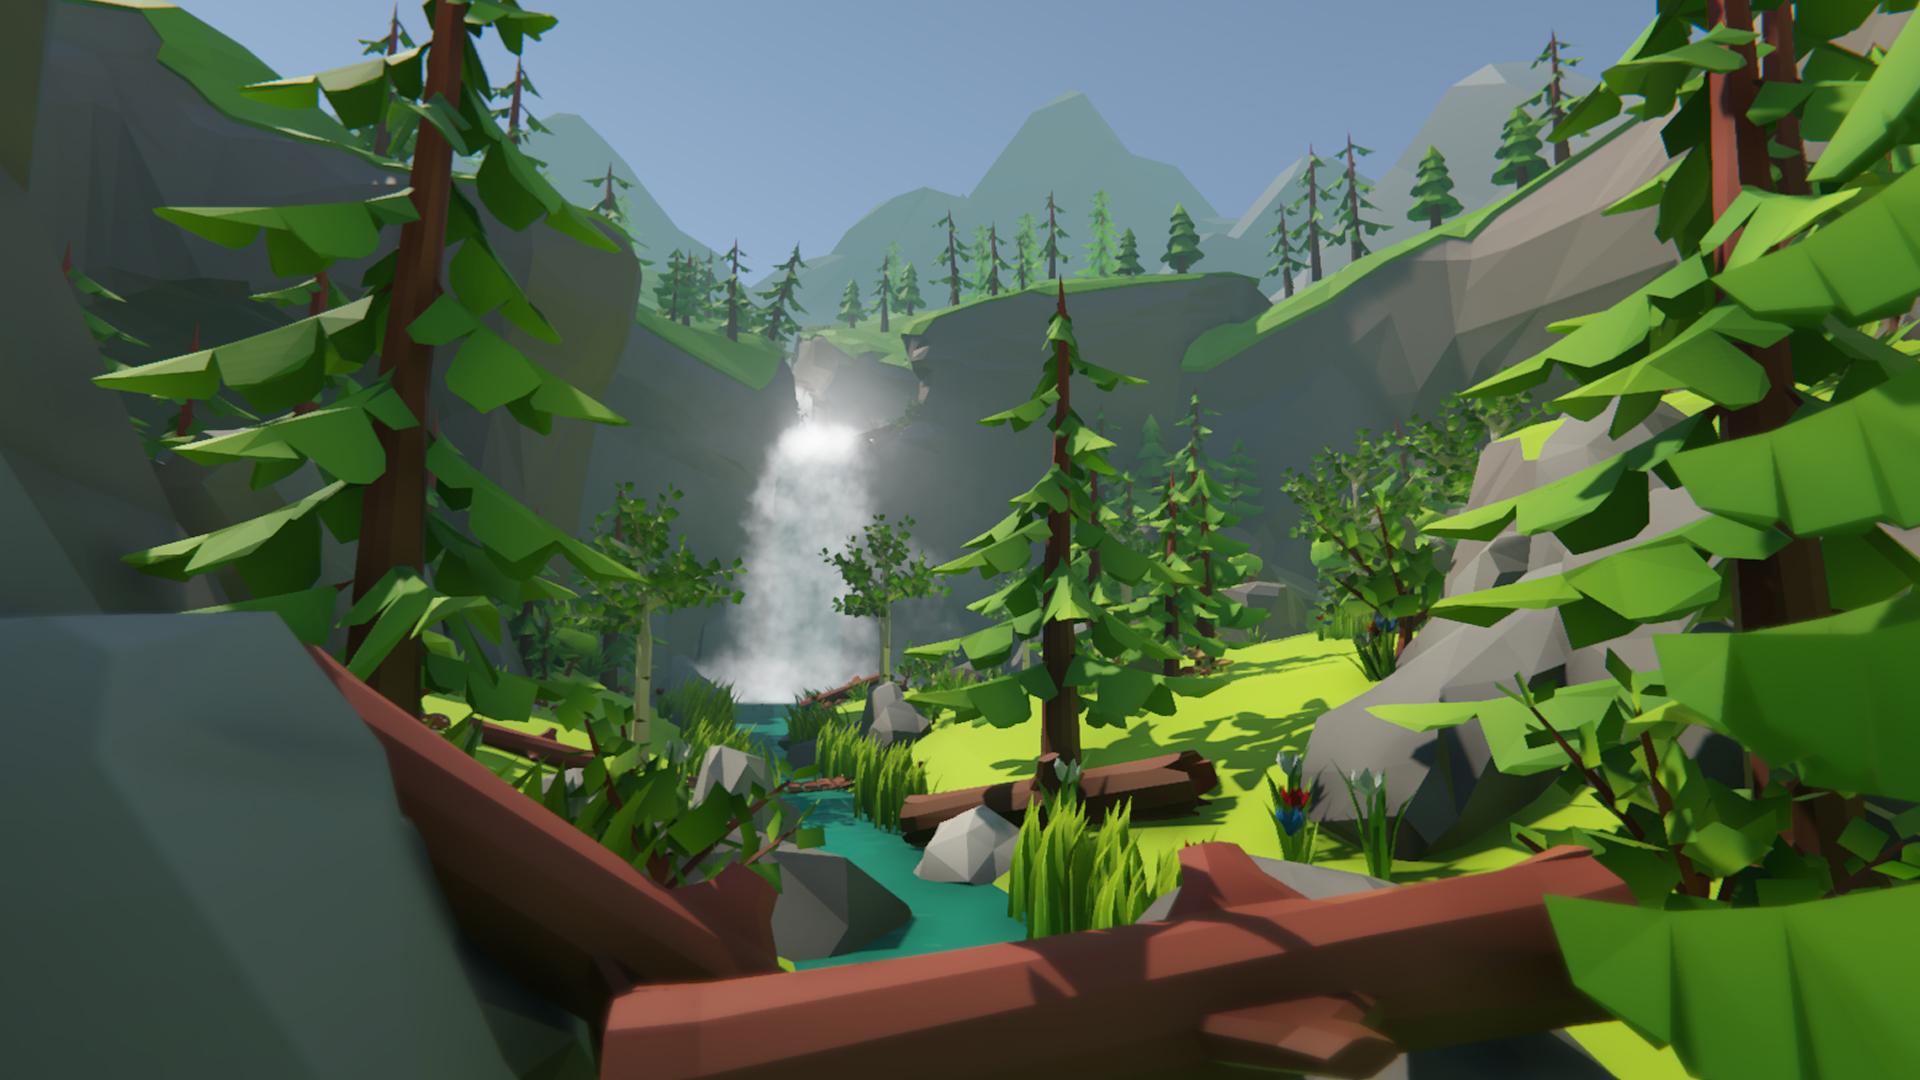 Forest_0005_screenshot_08-20_23-33-18.jpg